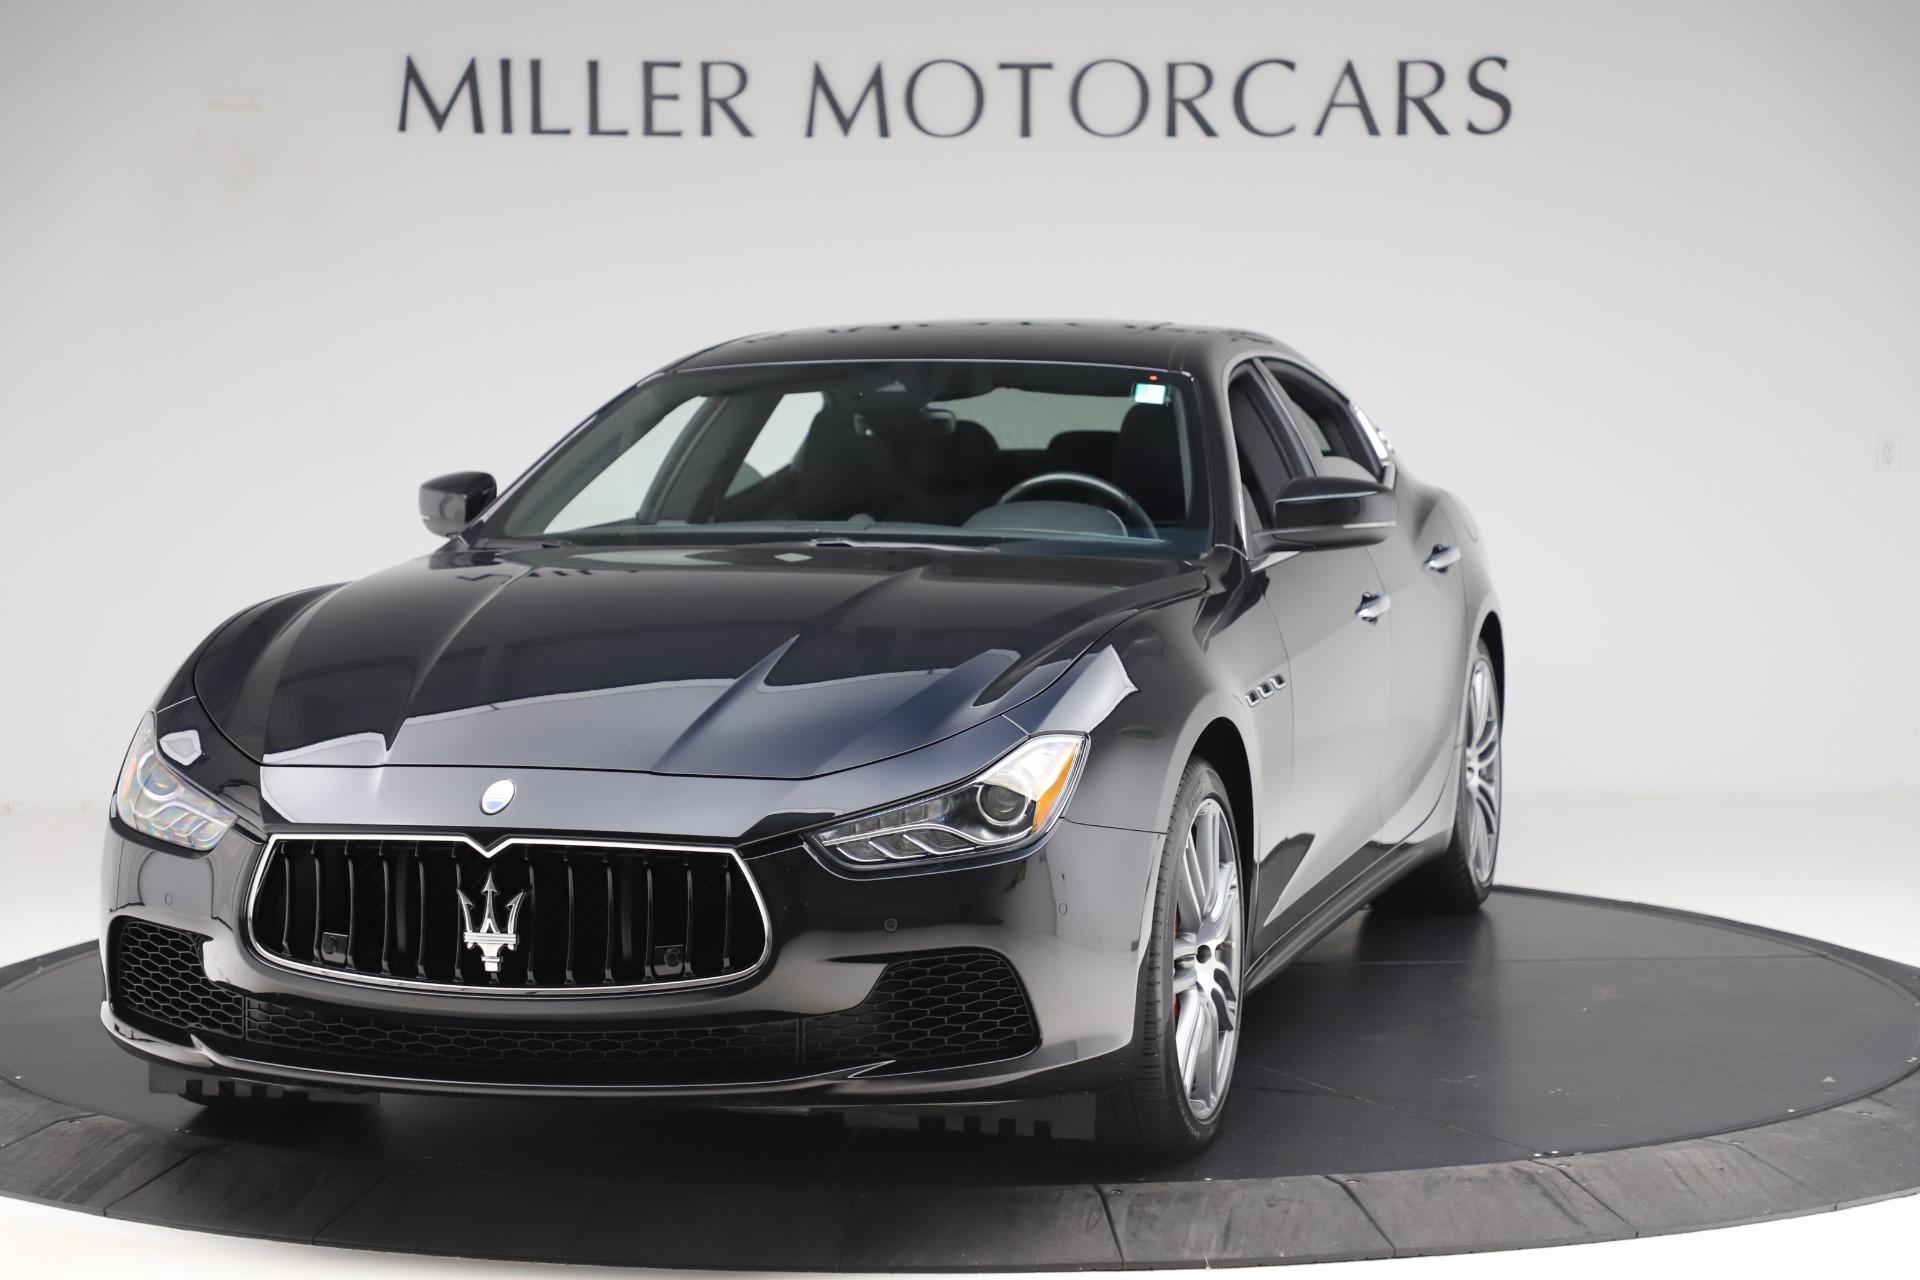 Used 2017 Maserati Ghibli S Q4 for sale Sold at Alfa Romeo of Westport in Westport CT 06880 1